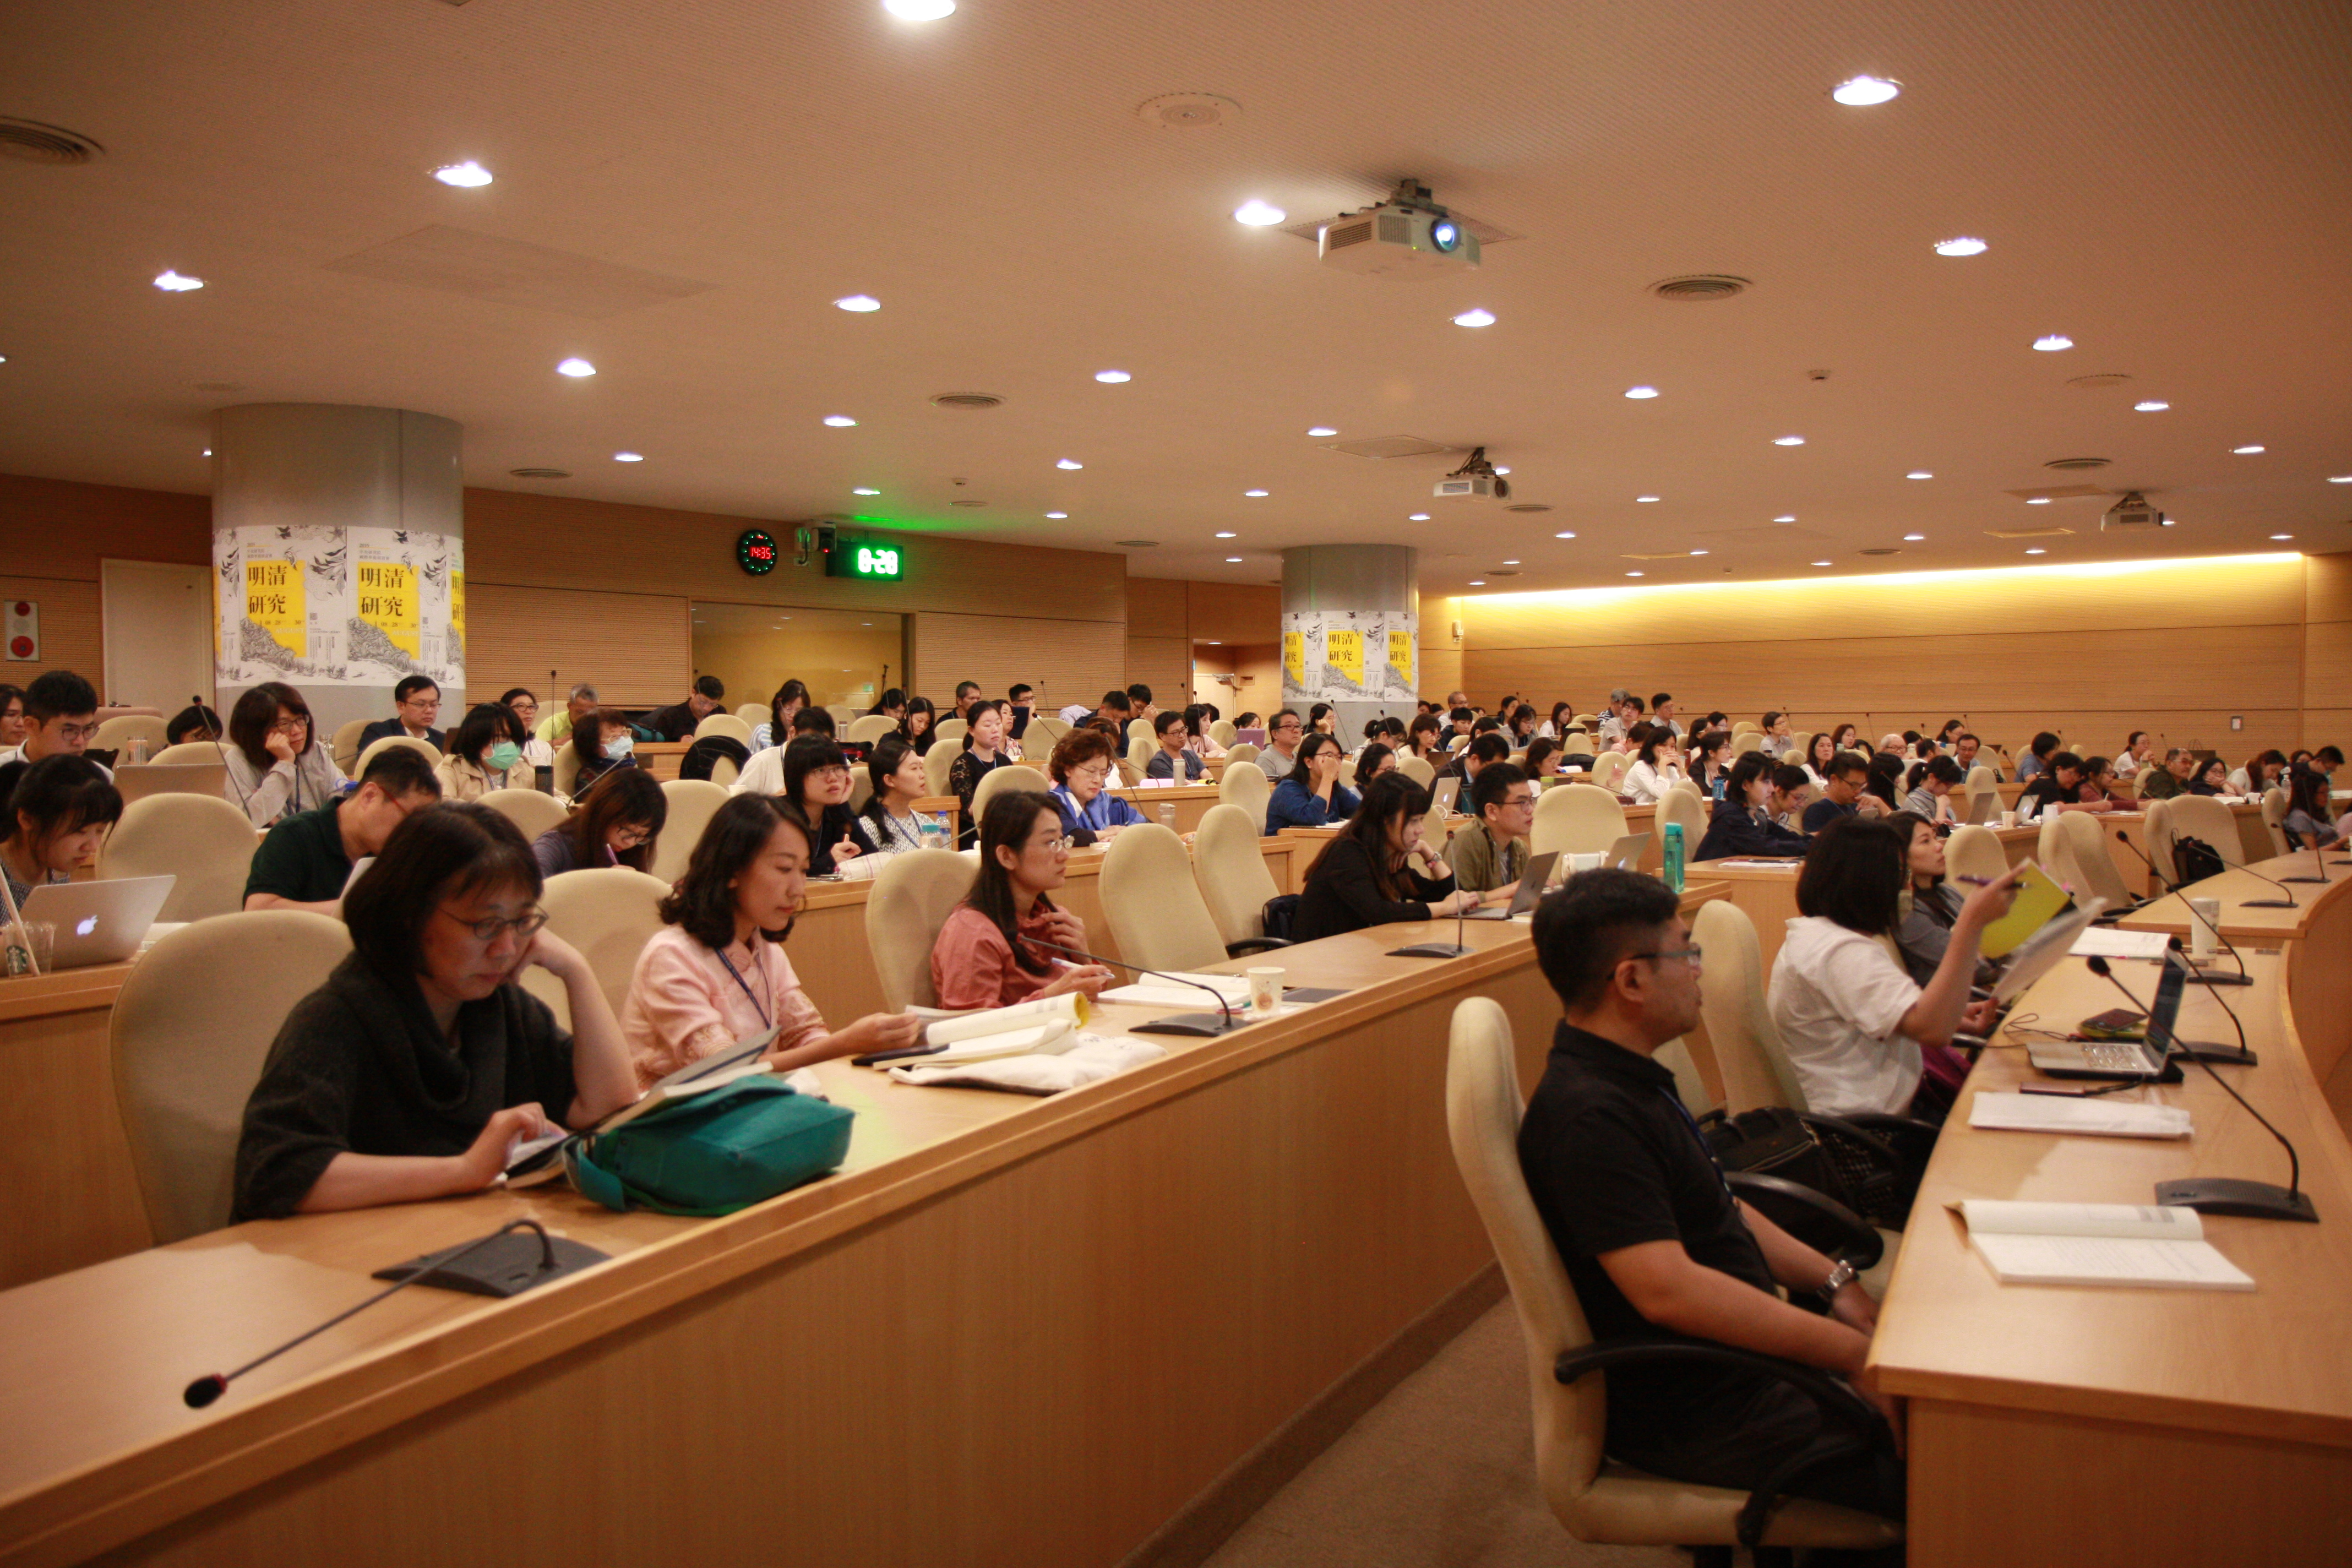 2019 中央研究院明清研究國際學術研討會——「理學經世、視覺藝術及環境史」場次會議報導